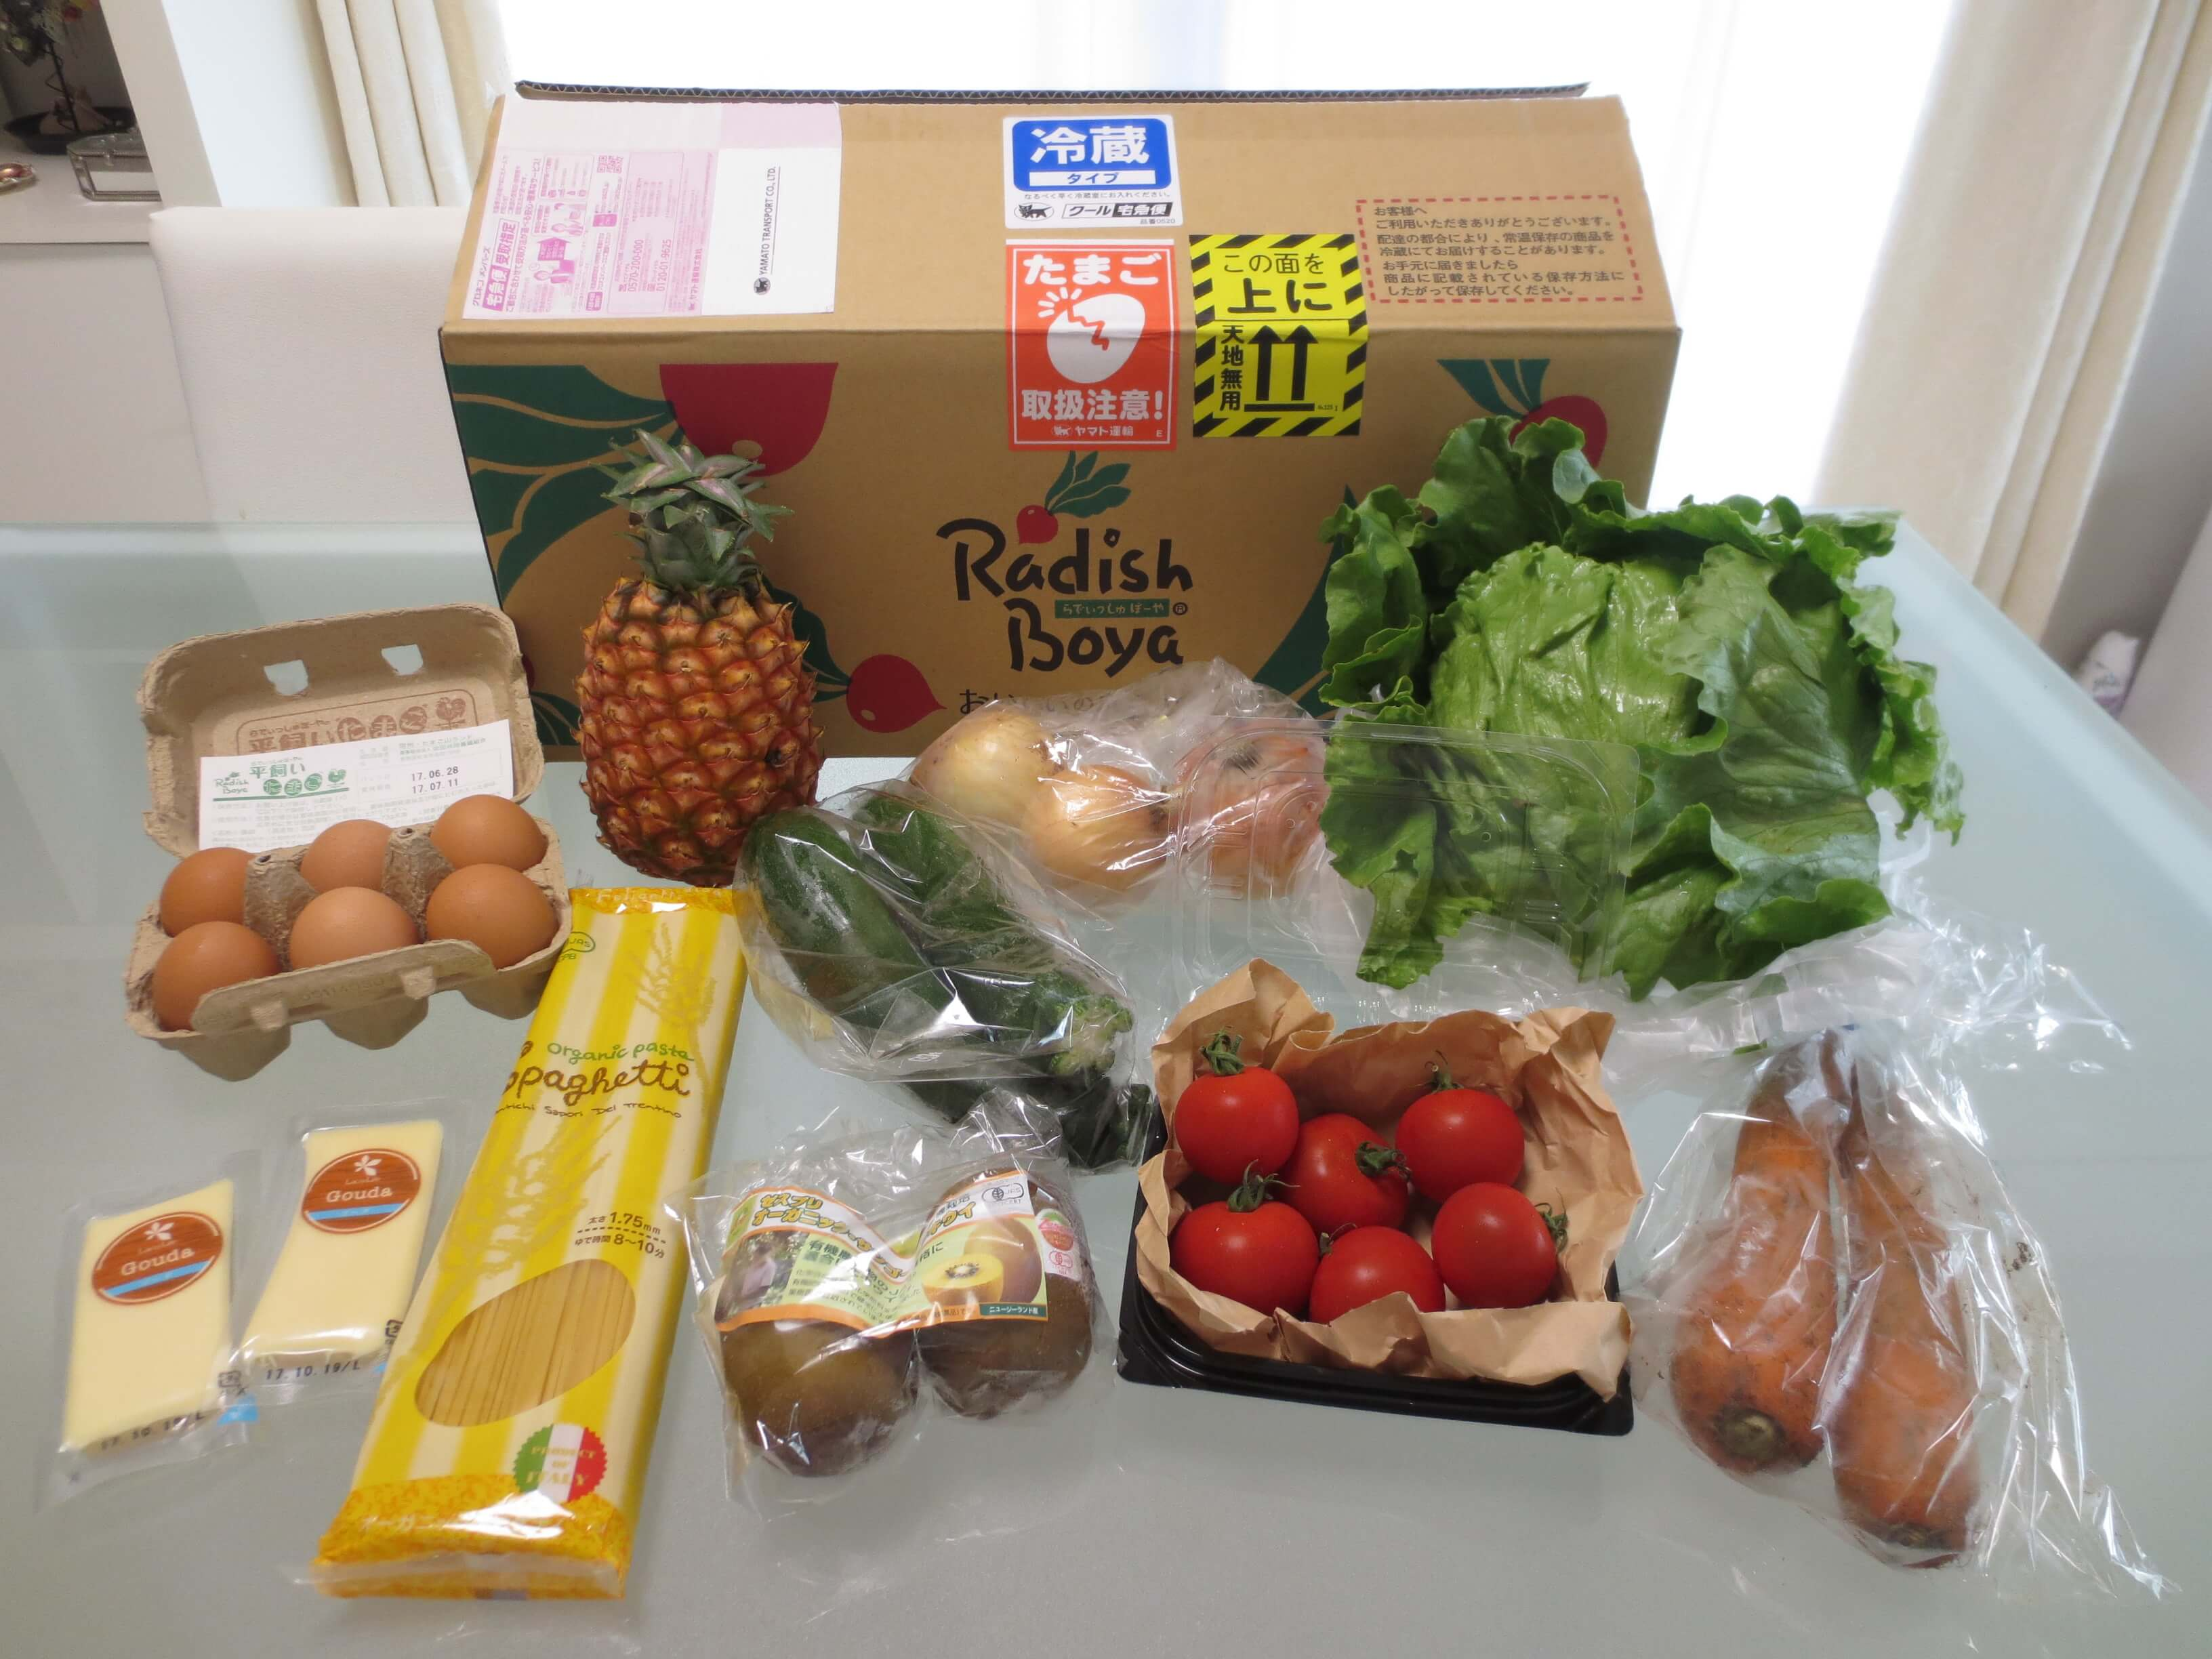 野菜宅配メリット・デメリット7